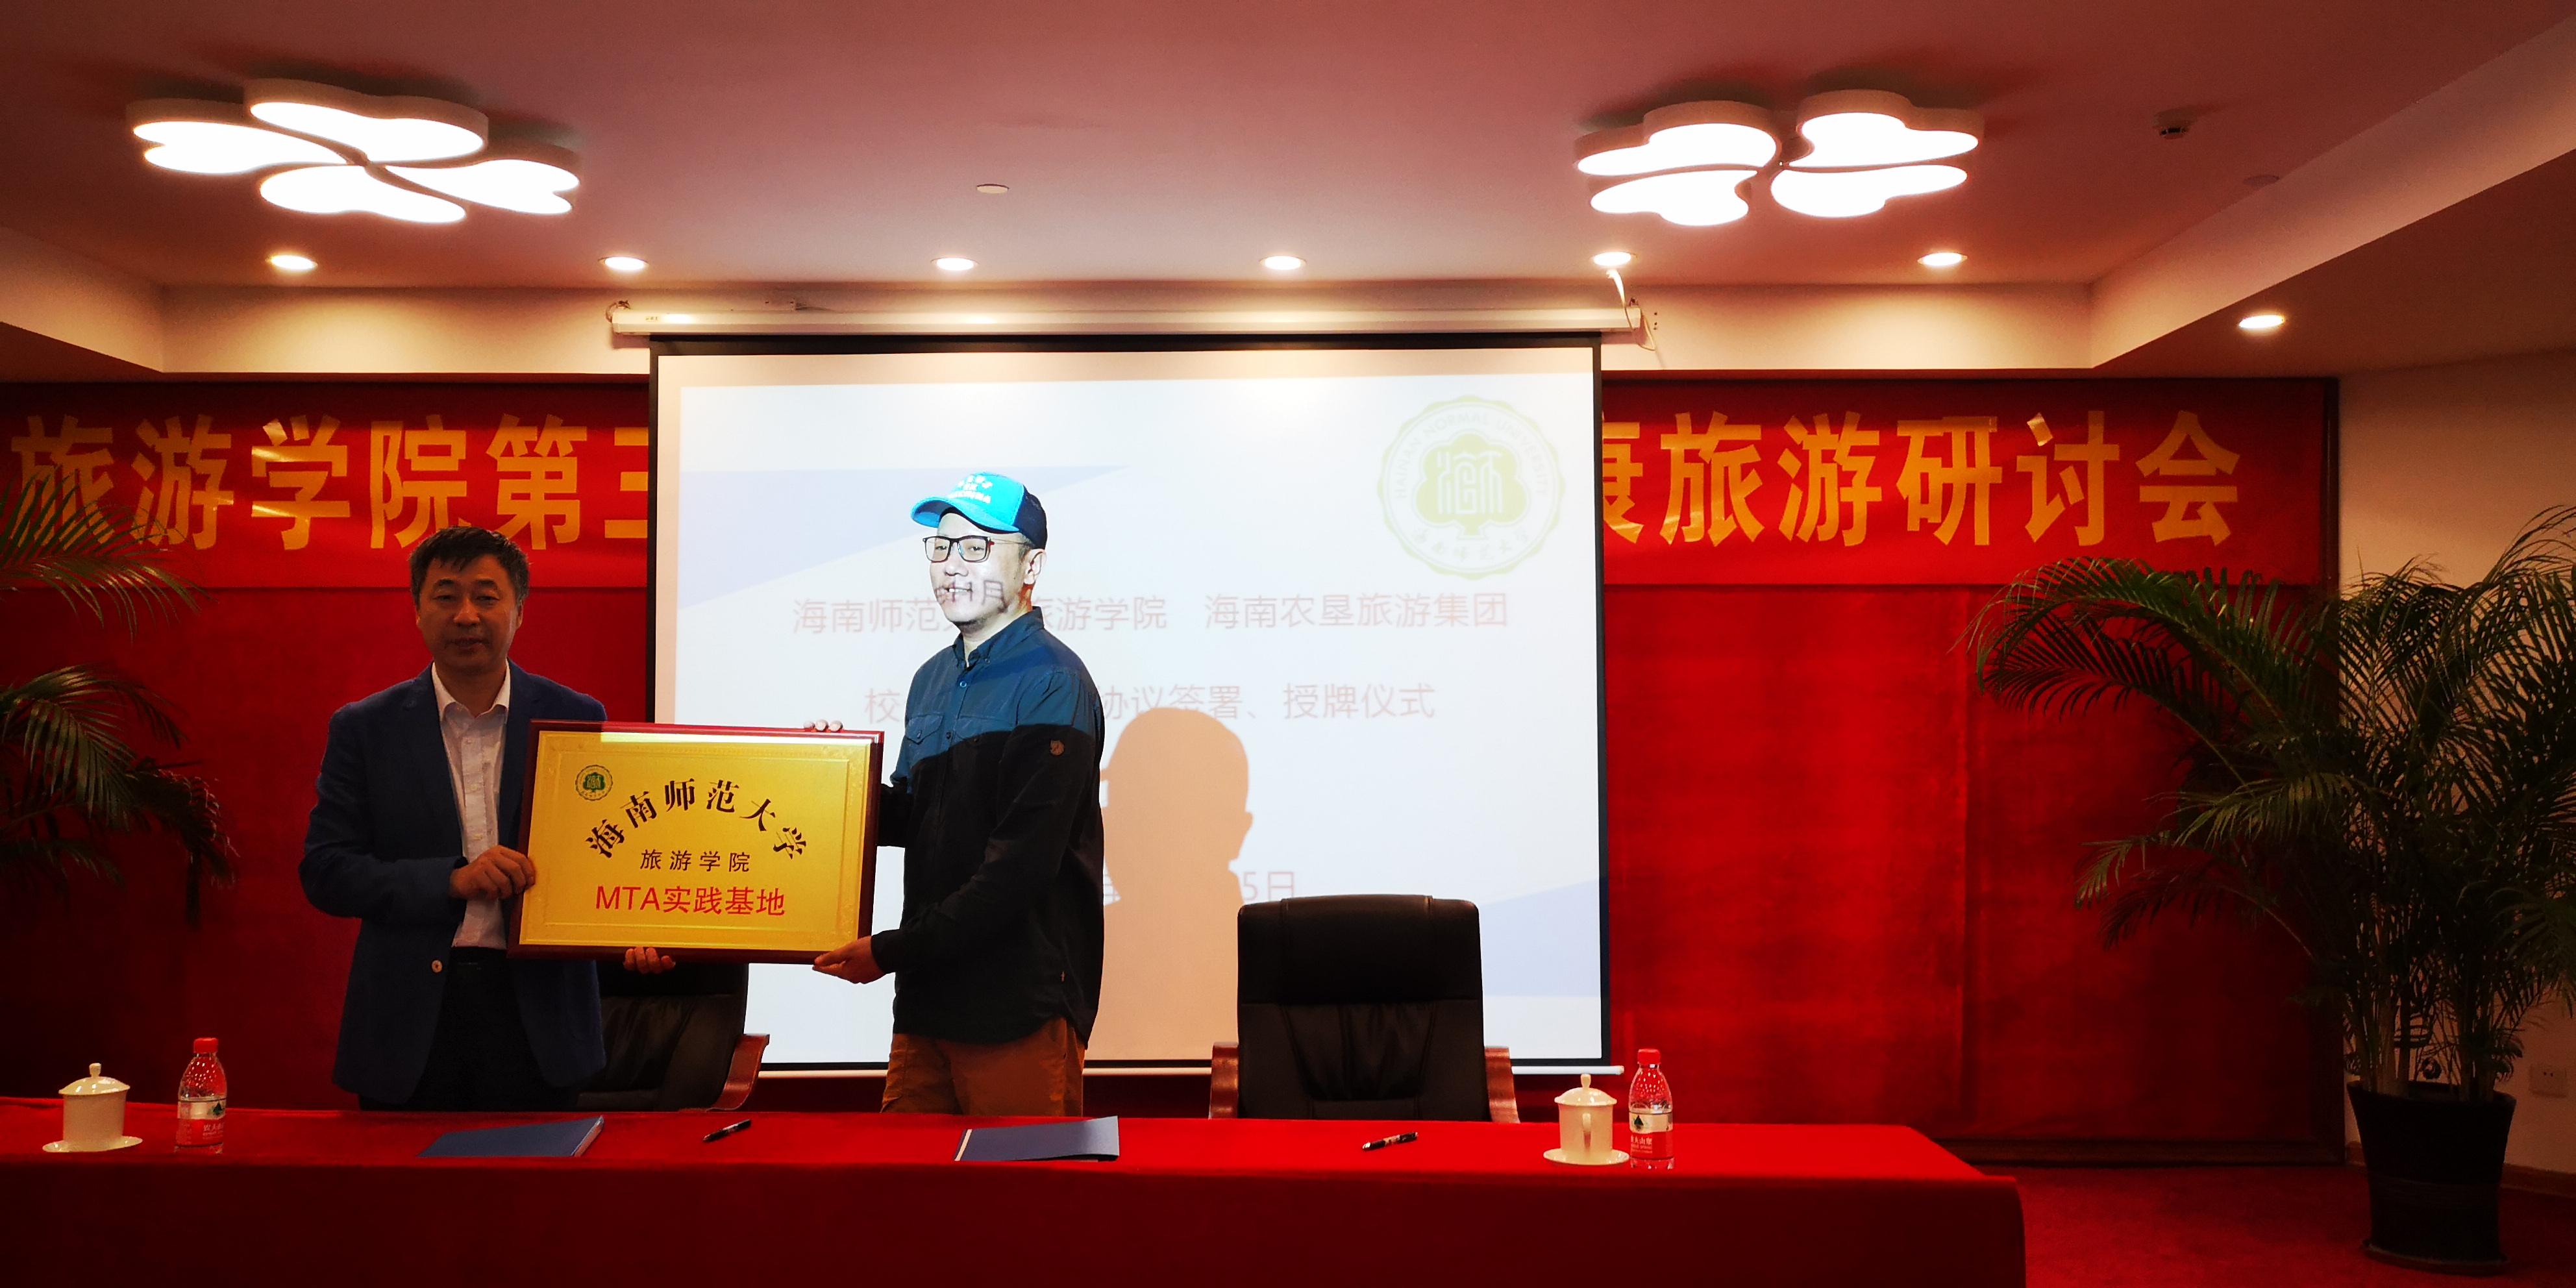 旅游学院与海南农垦旅游集团签署校企战略合作协议